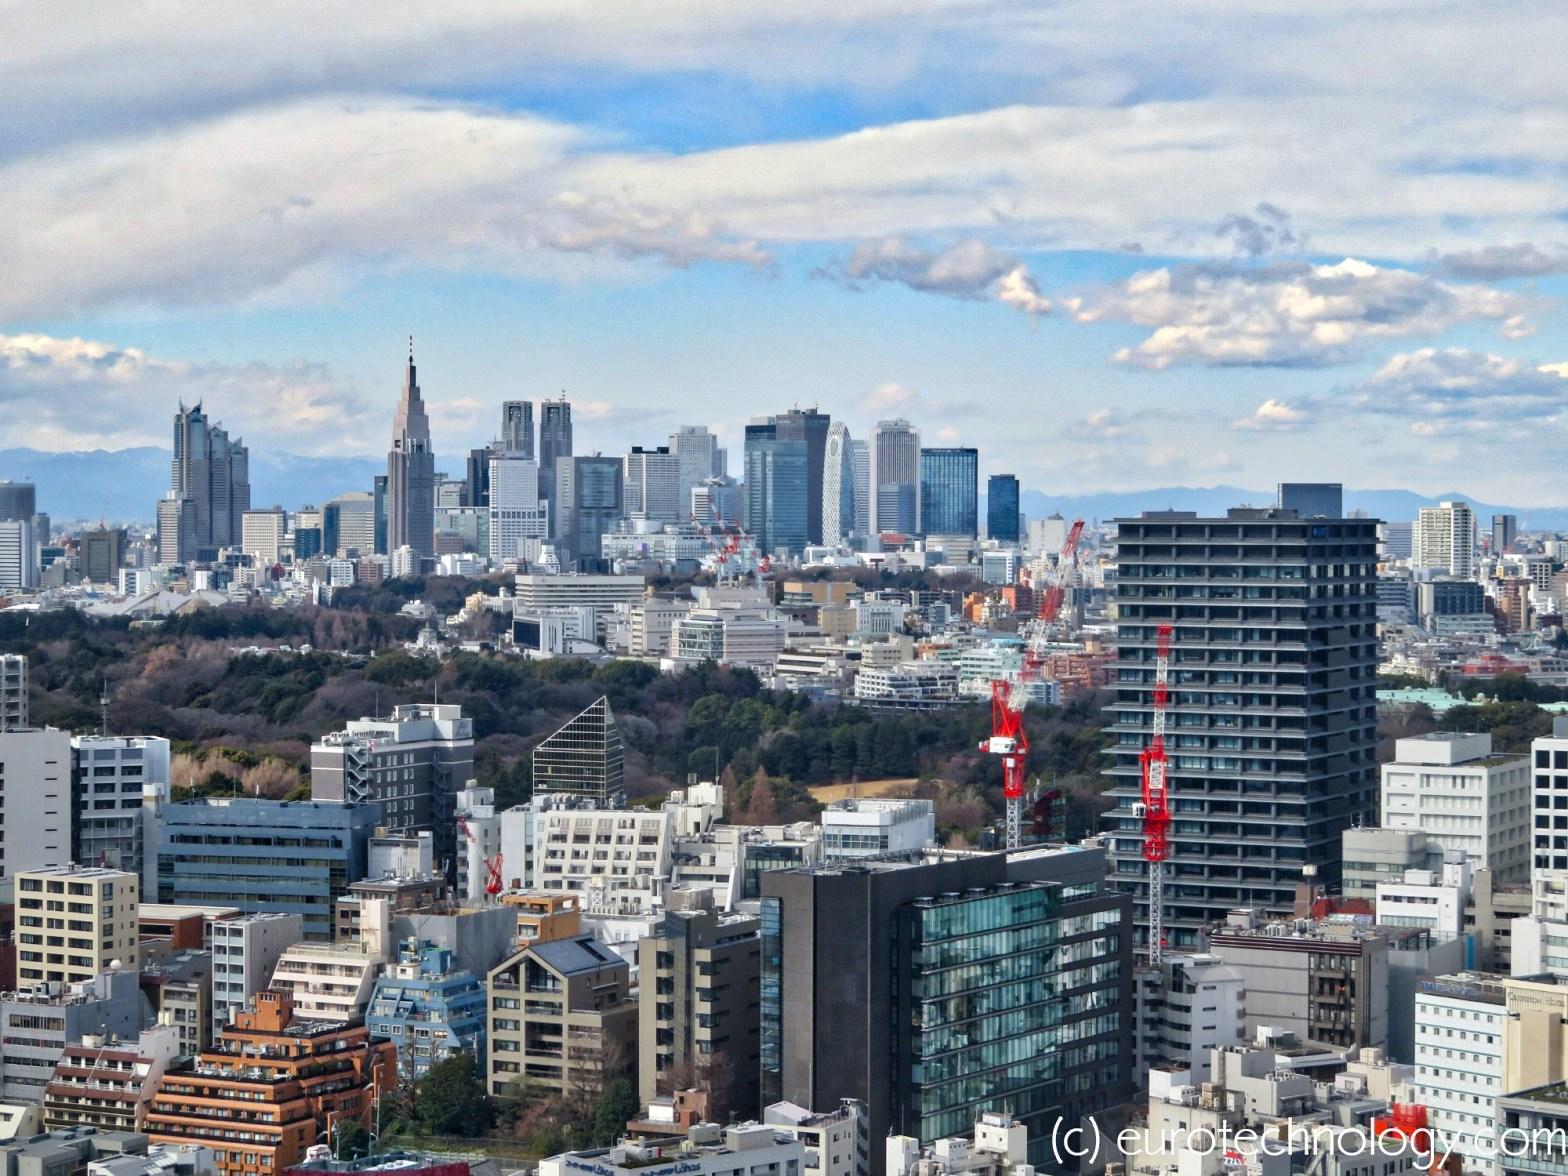 Shinjuku Tokyo eurotechnology.com